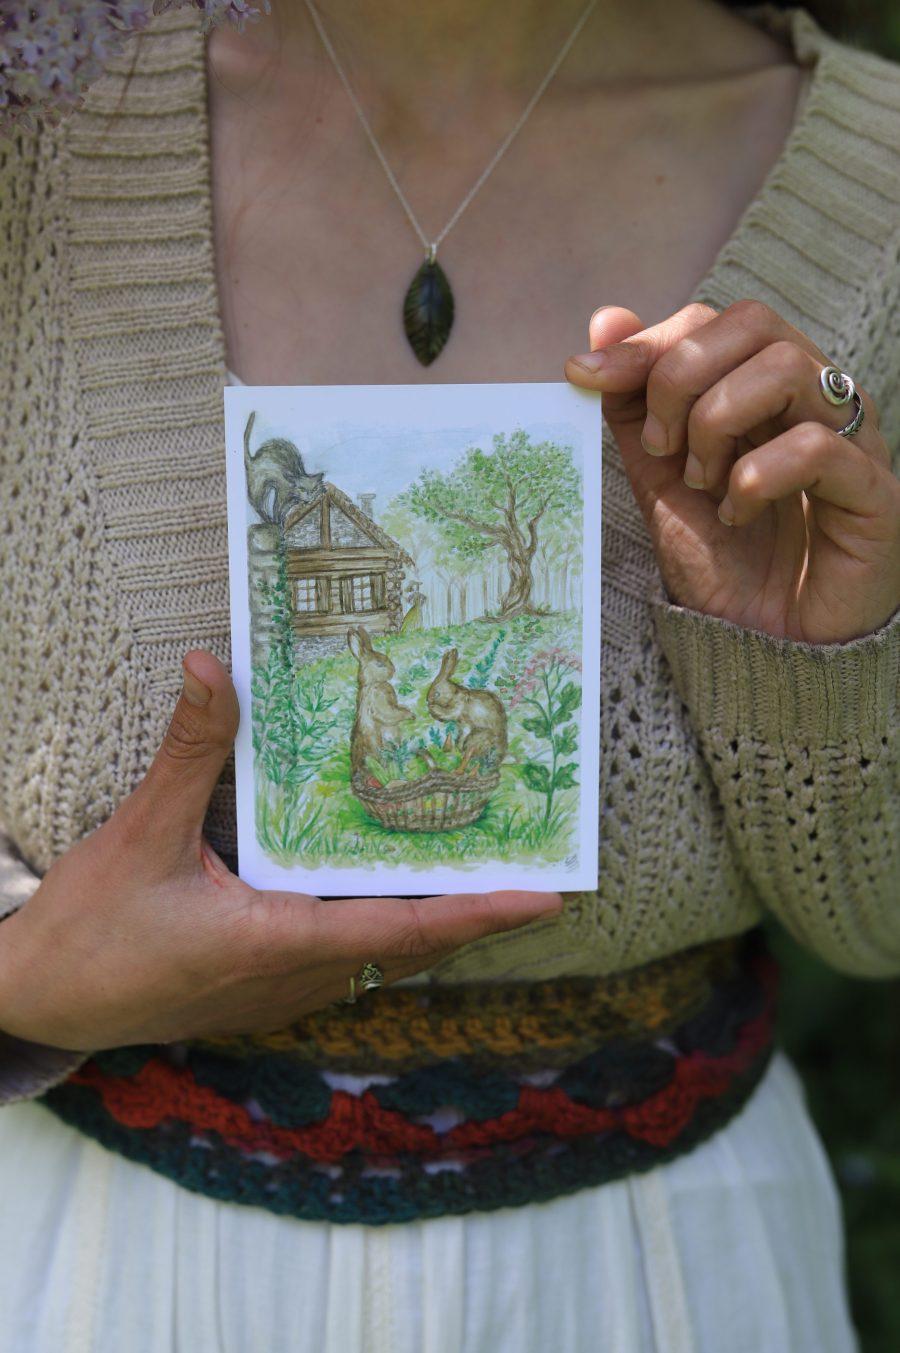 Cartes postales, champetre, atelier de la lettre aux ours, aquarelle, illustration, campagne, normande, inspiration beatrix potter, style anglais, Lucie BRAILLON